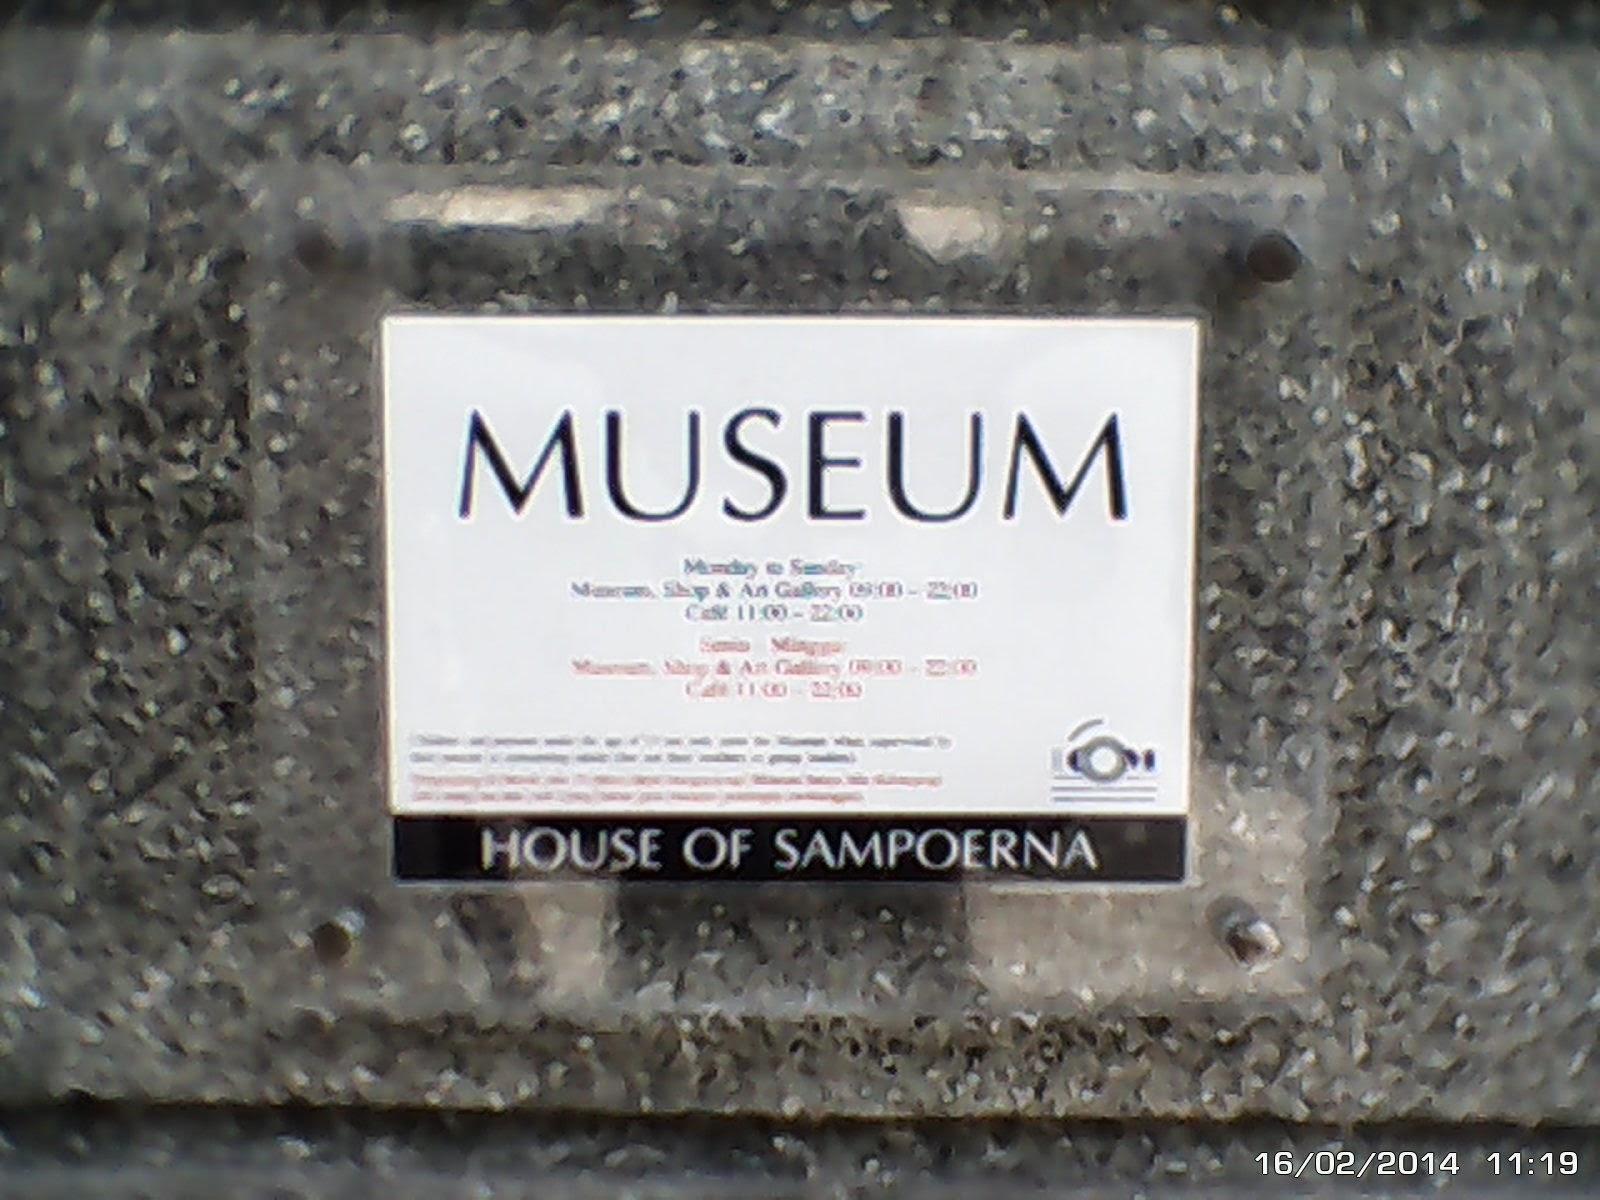 Museum of Sampoerna - Surabaya